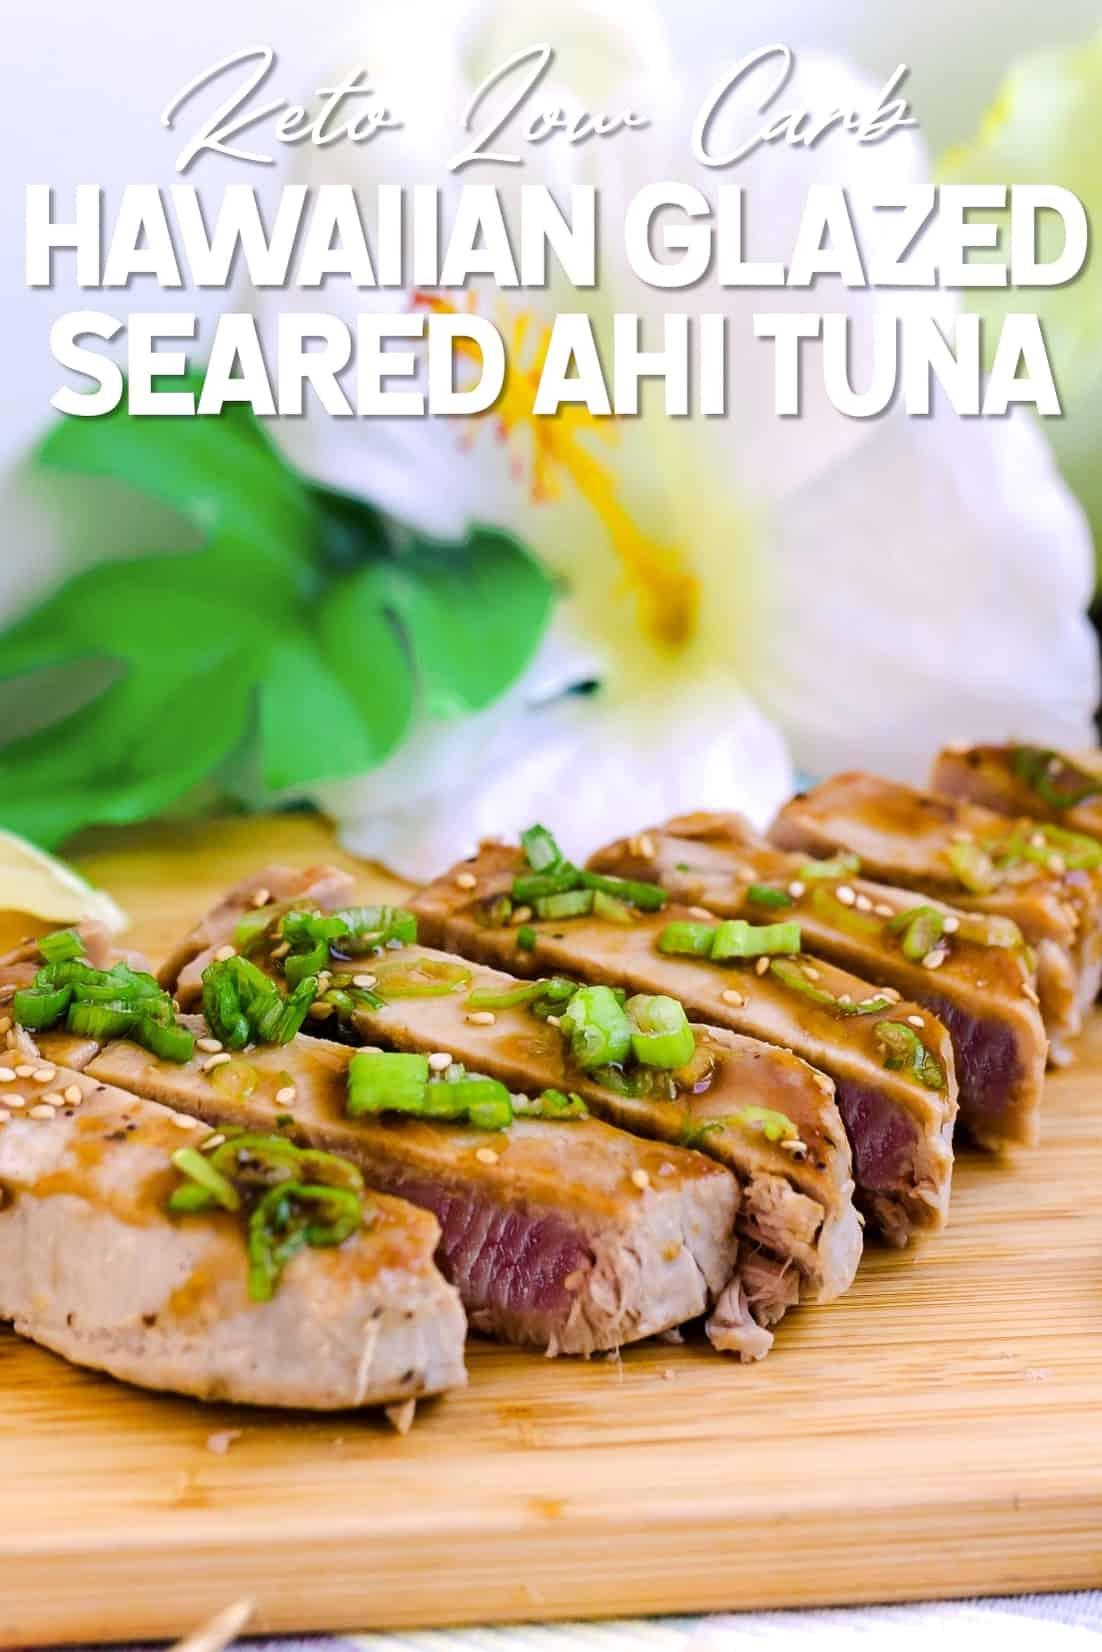 Hawaiian Glazed Seared Ahi Tuna